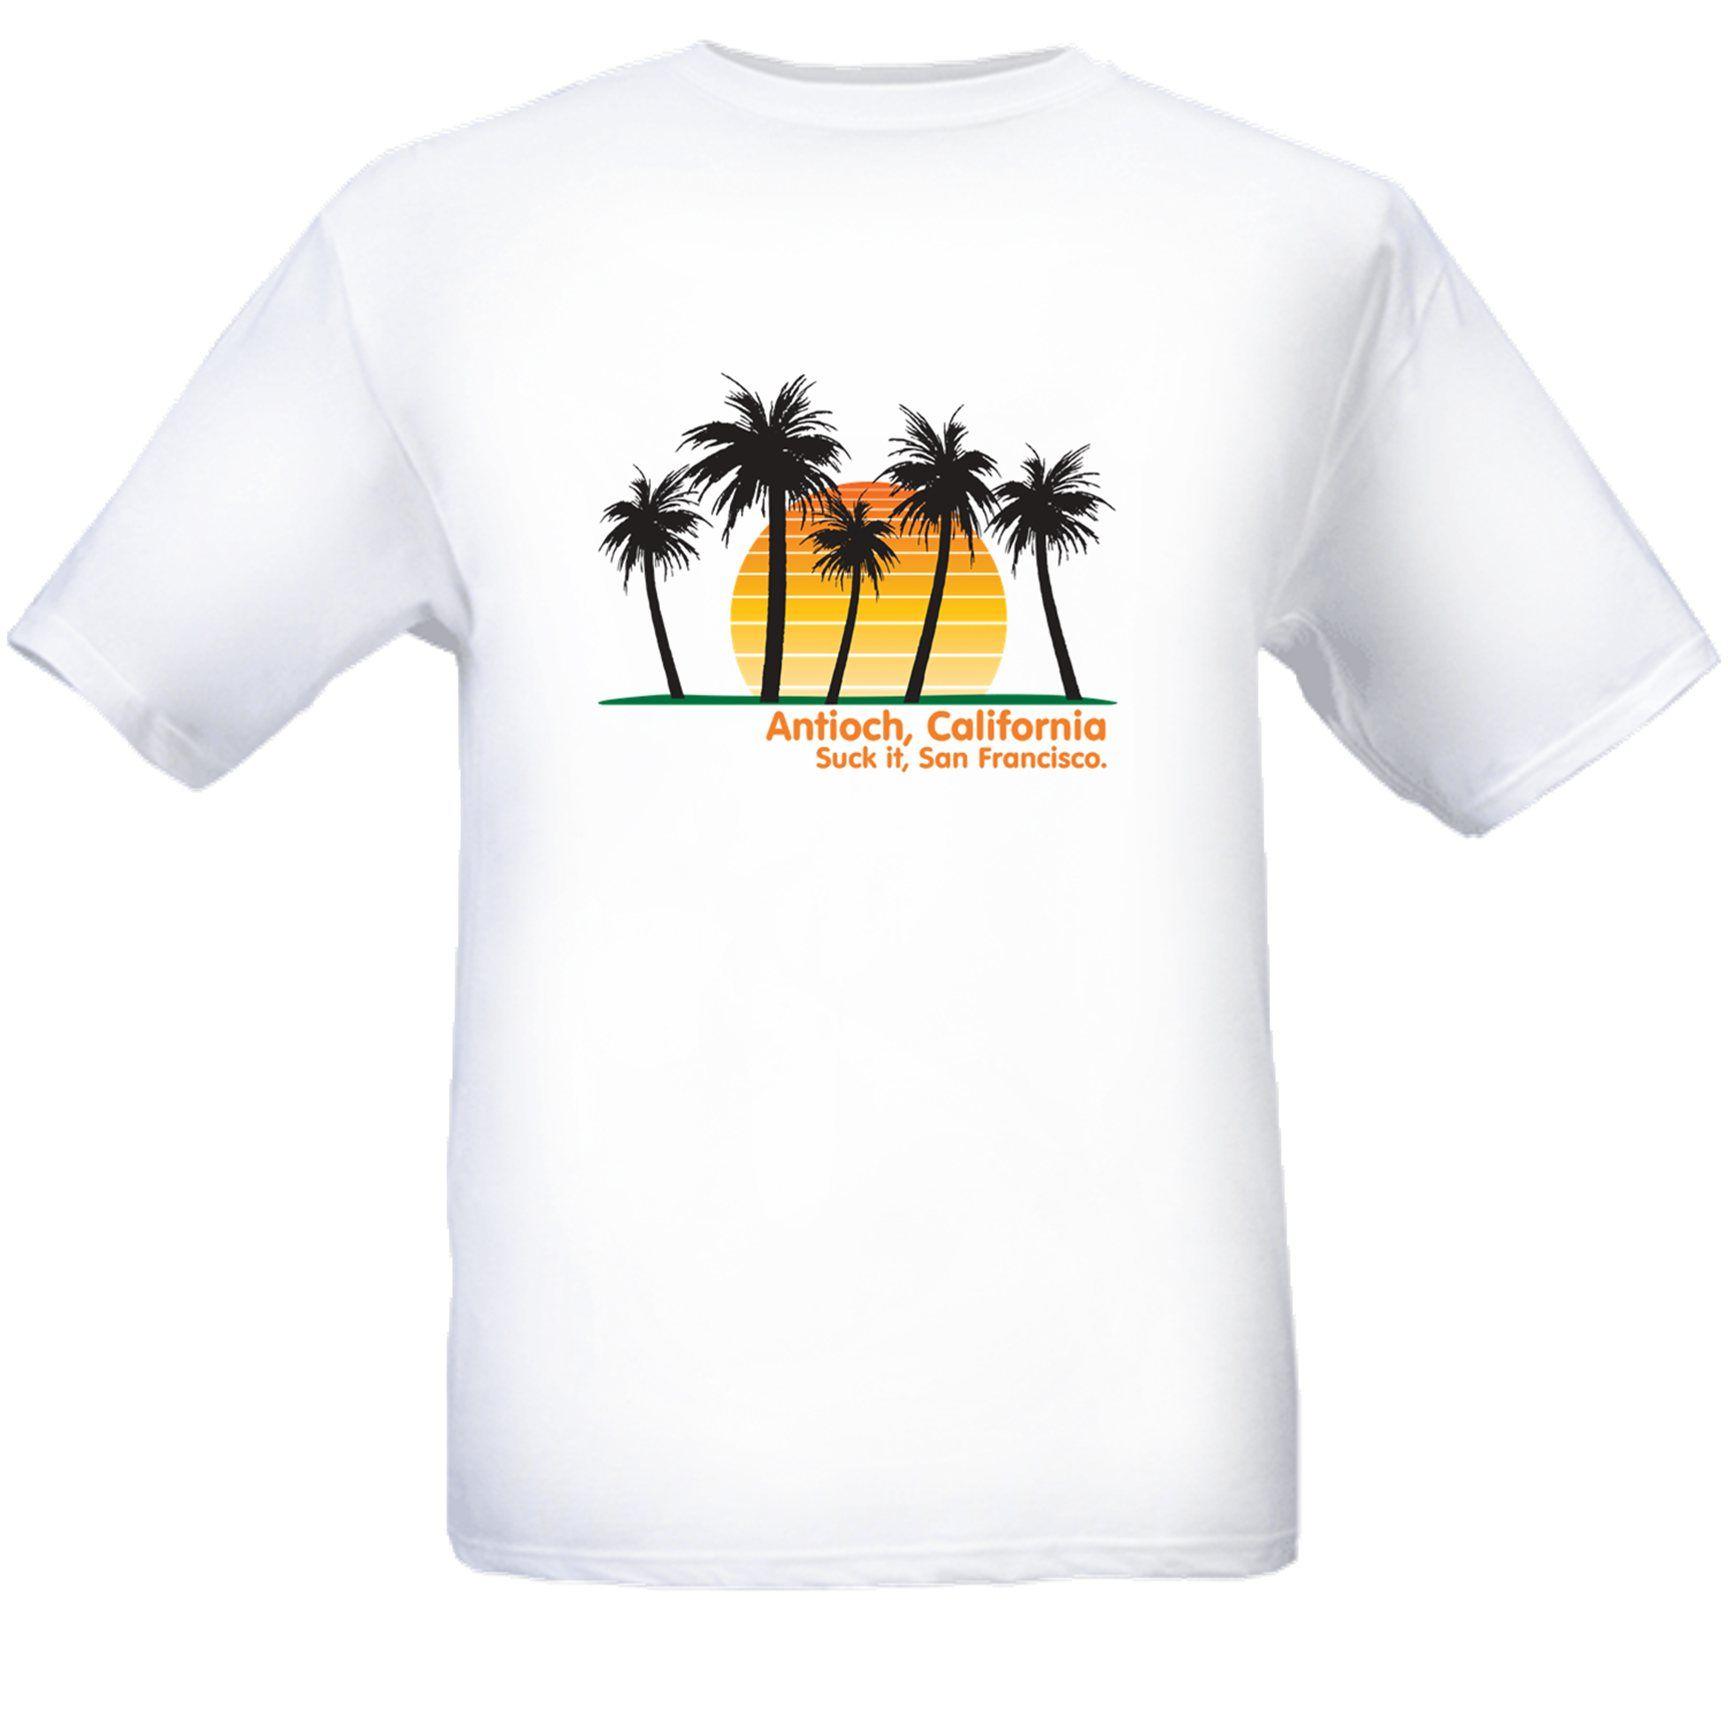 My Hometown Free Tee From Vista Print Rad T Shirts Pinterest